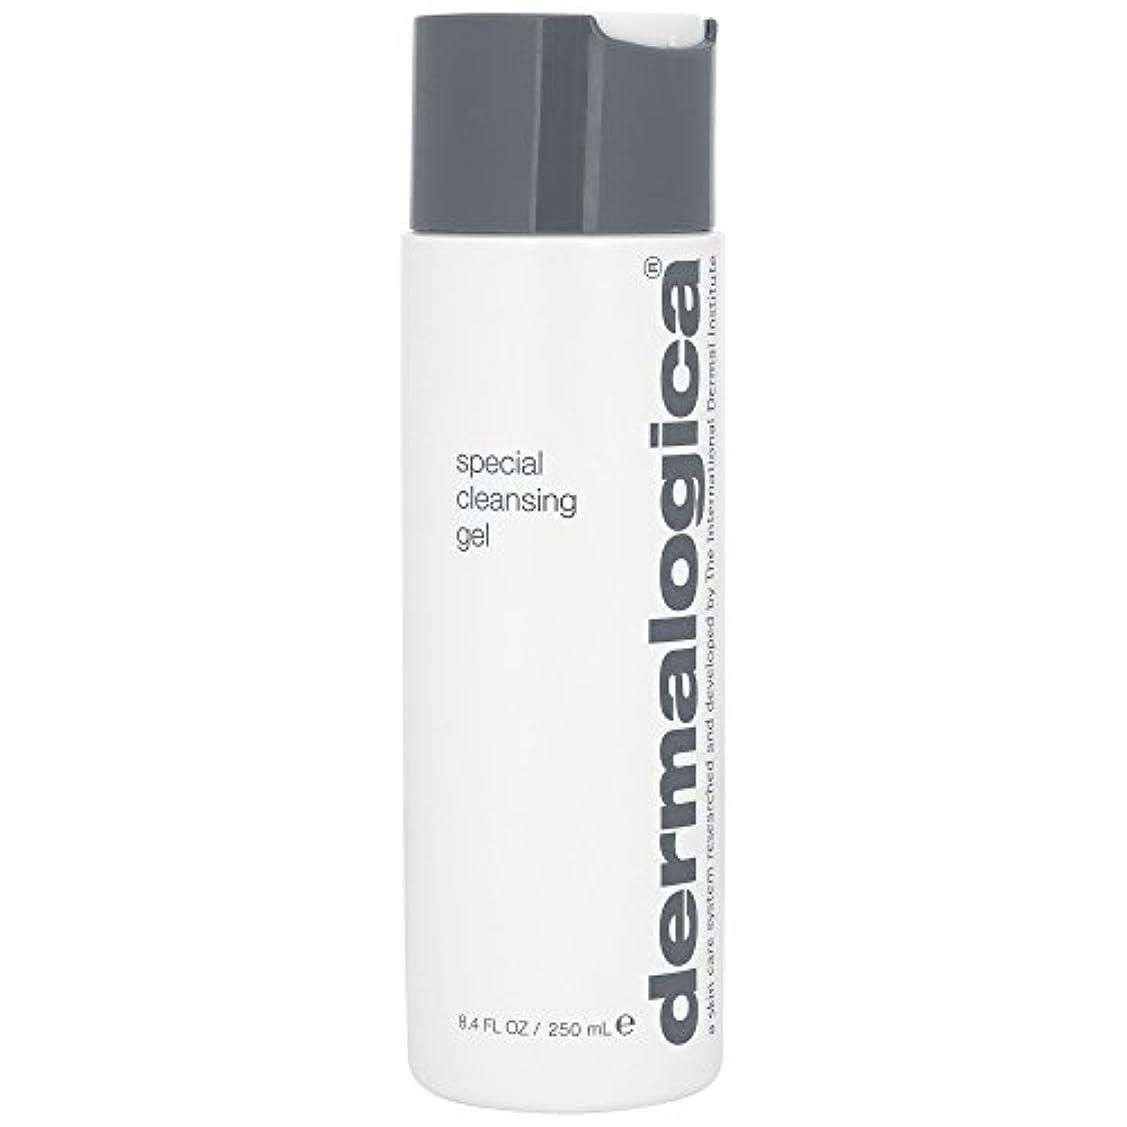 絶対に請求書合意ダーマロジカ特別なクレンジングゲル250ミリリットル (Dermalogica) - Dermalogica Special Cleansing Gel 250ml [並行輸入品]